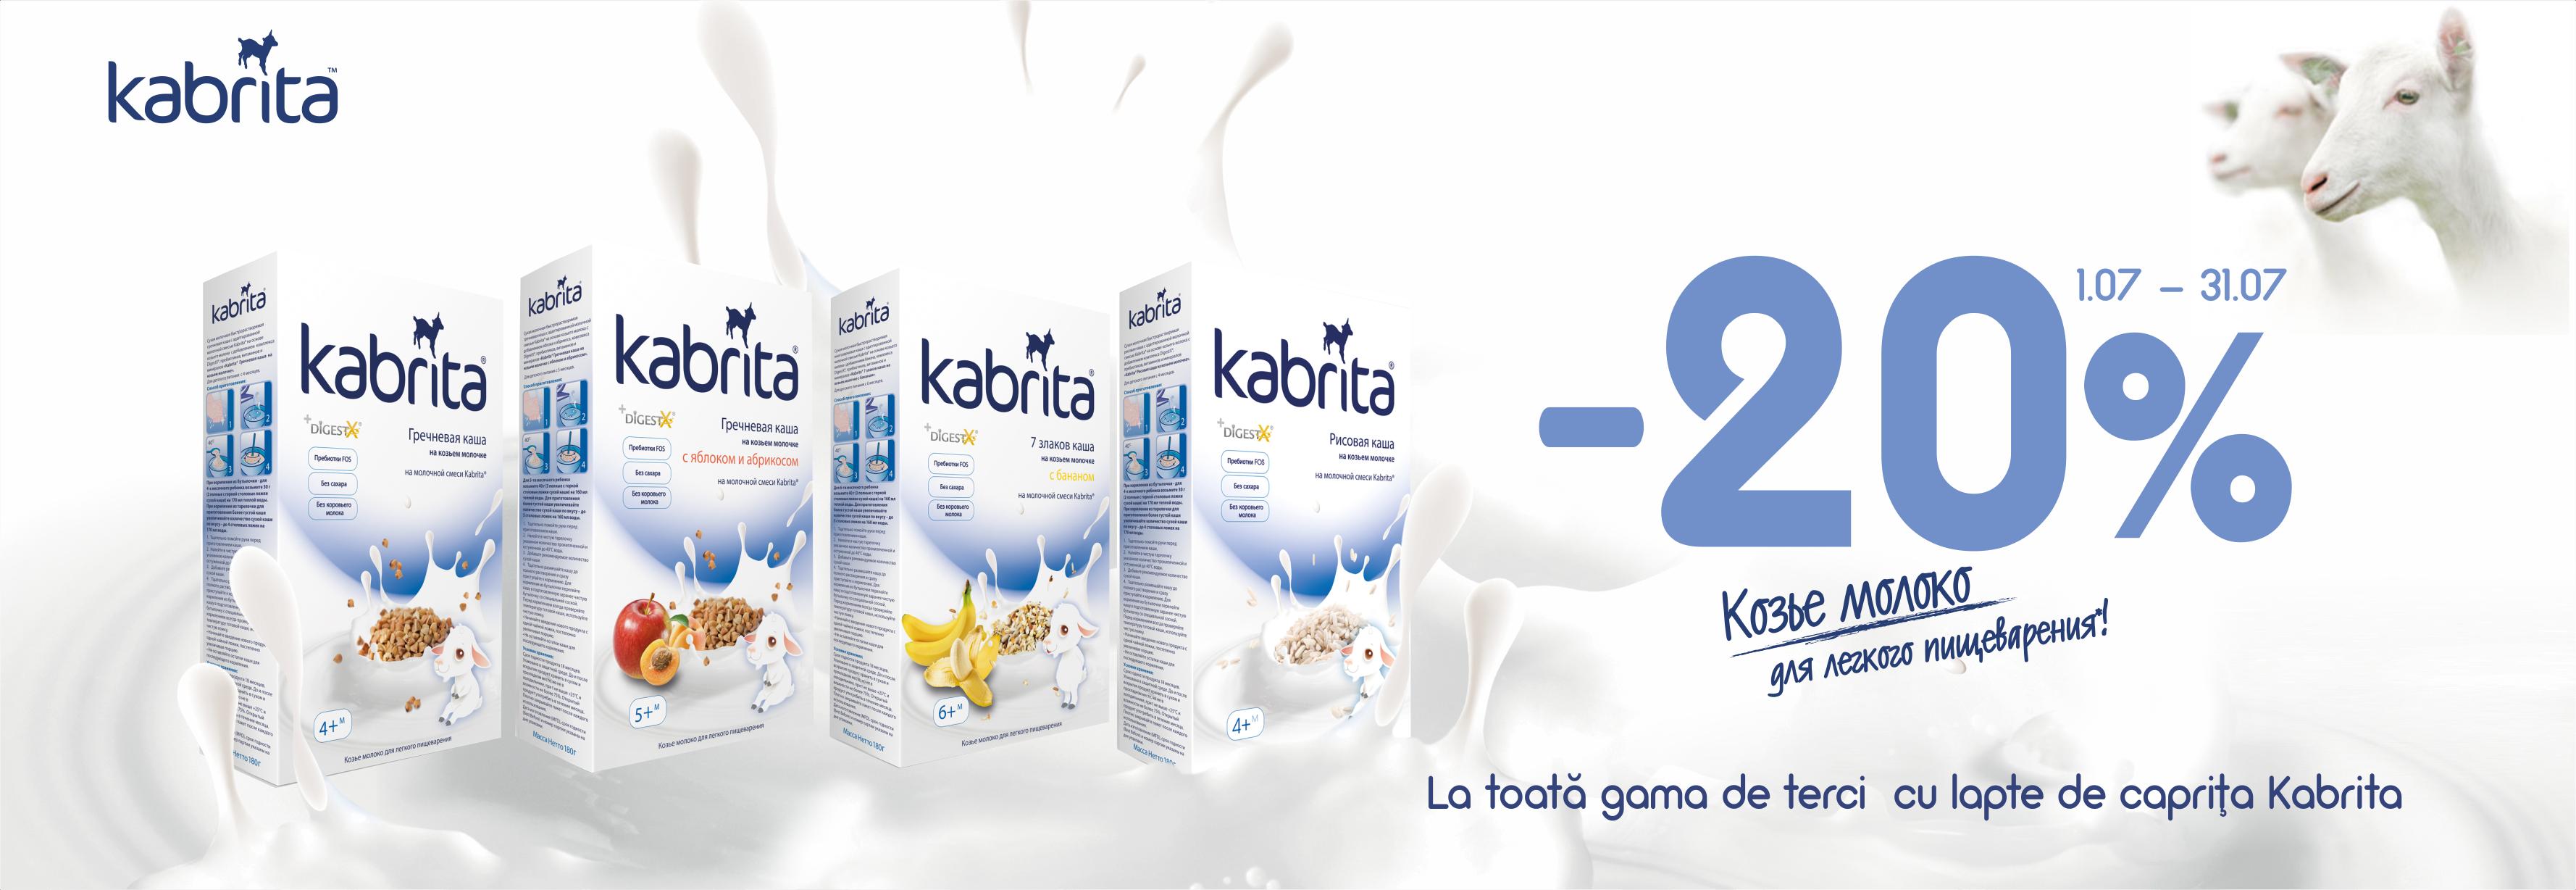 kabrita-kashi-20-do-3107